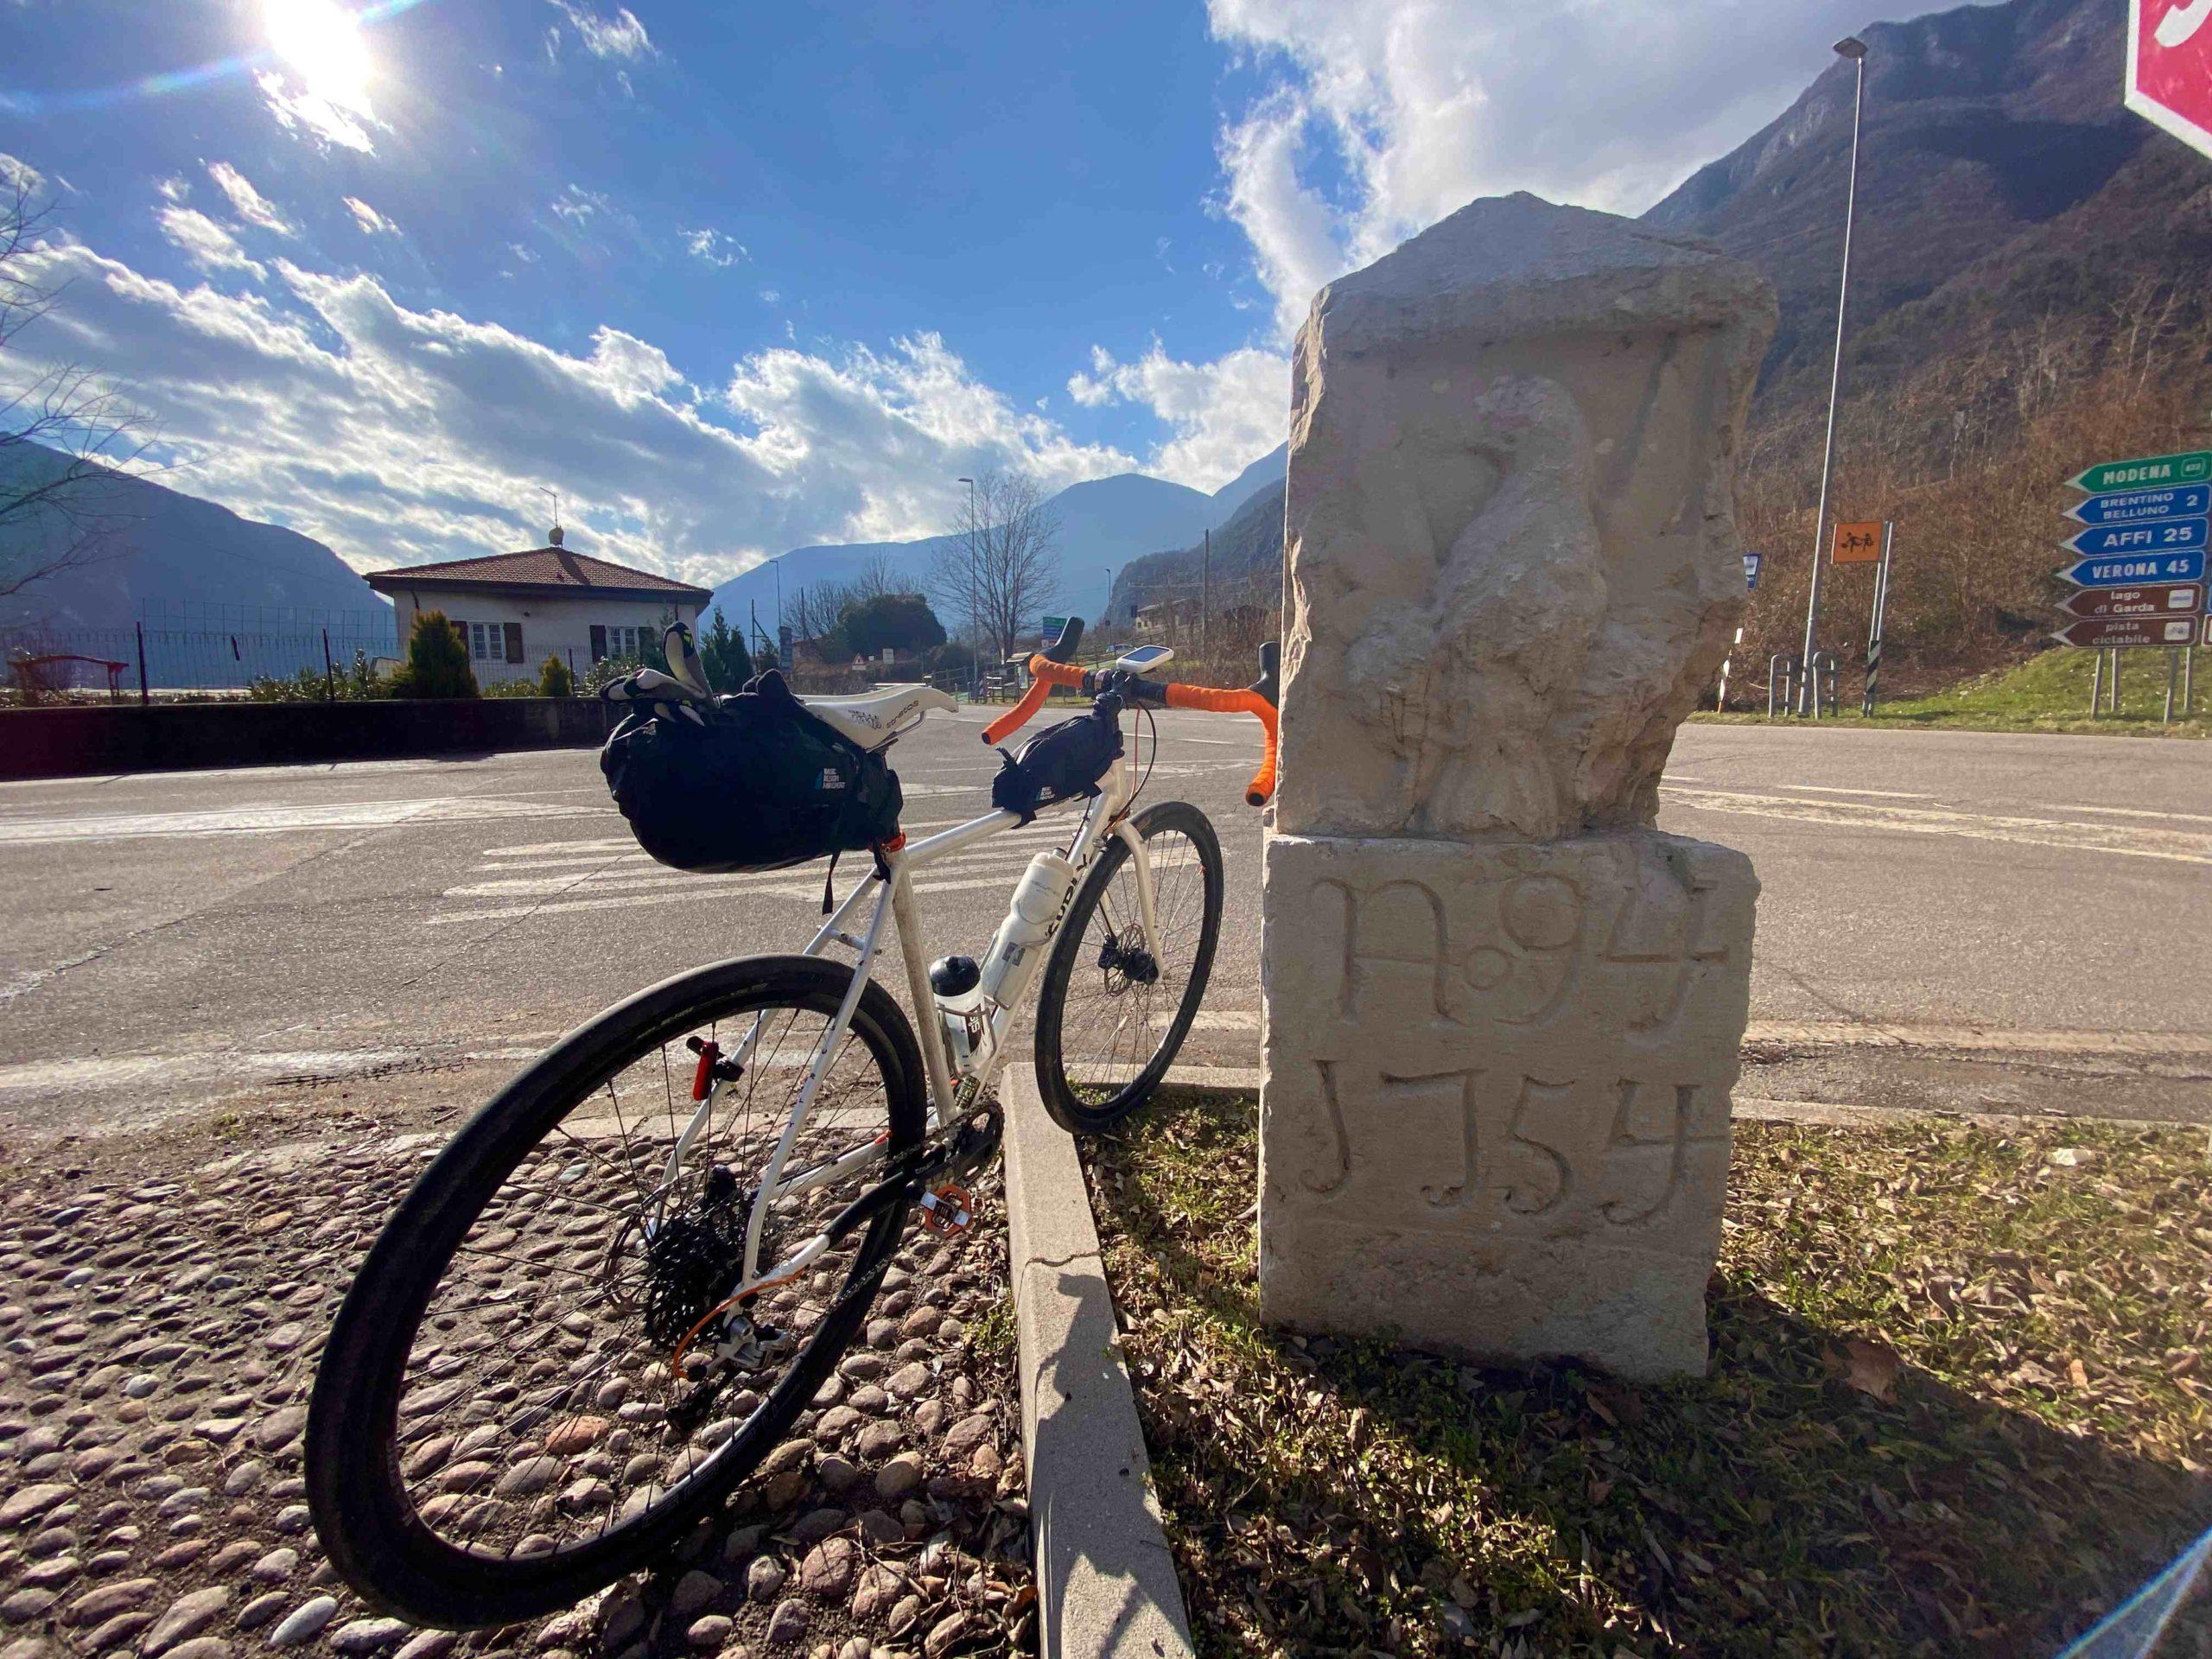 ciclabile terra dei forti Adige, ciclovia, eurovelo7, viaggiatore lento, viaggi in bici, trentino Alto Adige, vacanze in bici in trentino, ciclovia Adige, pista ciclabile Terra dei forti, valdadige, cicloturismo in trentino, cicloviaggio,